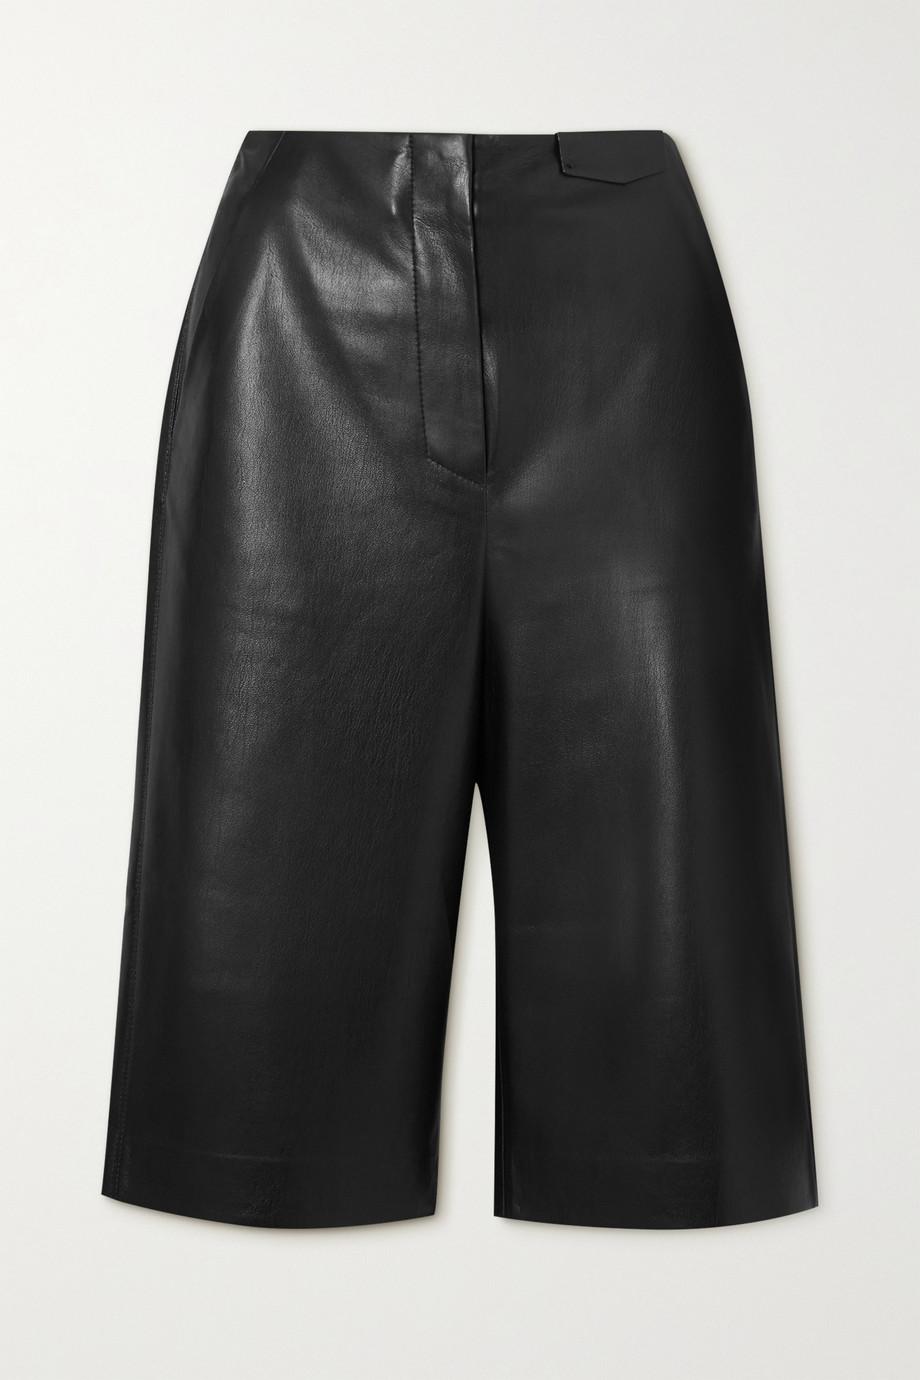 Nanushka Tazu Shorts aus veganem Leder